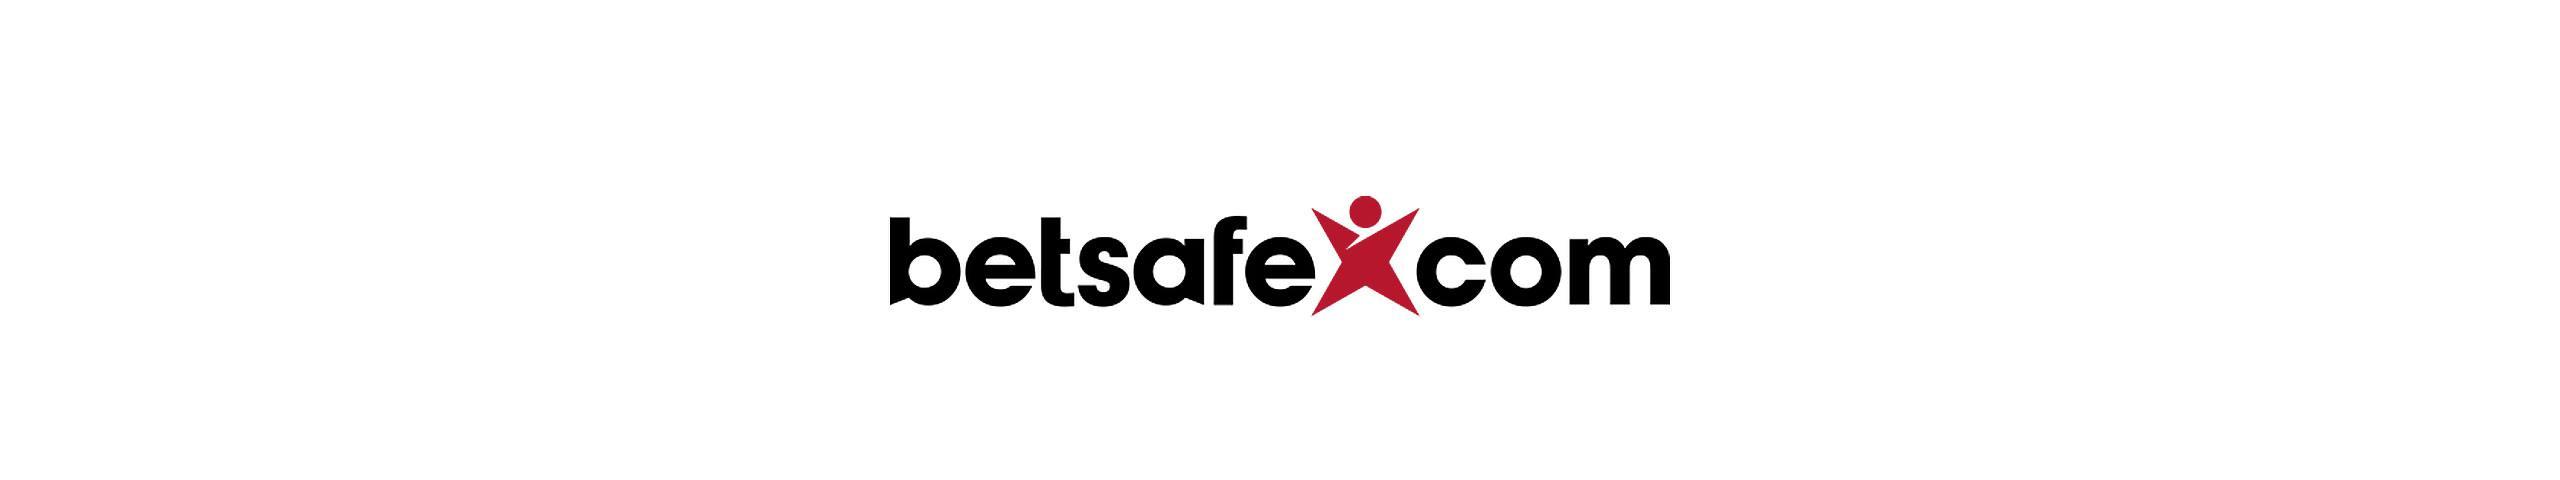 Betsafe Casino online casino slider wyrmspel